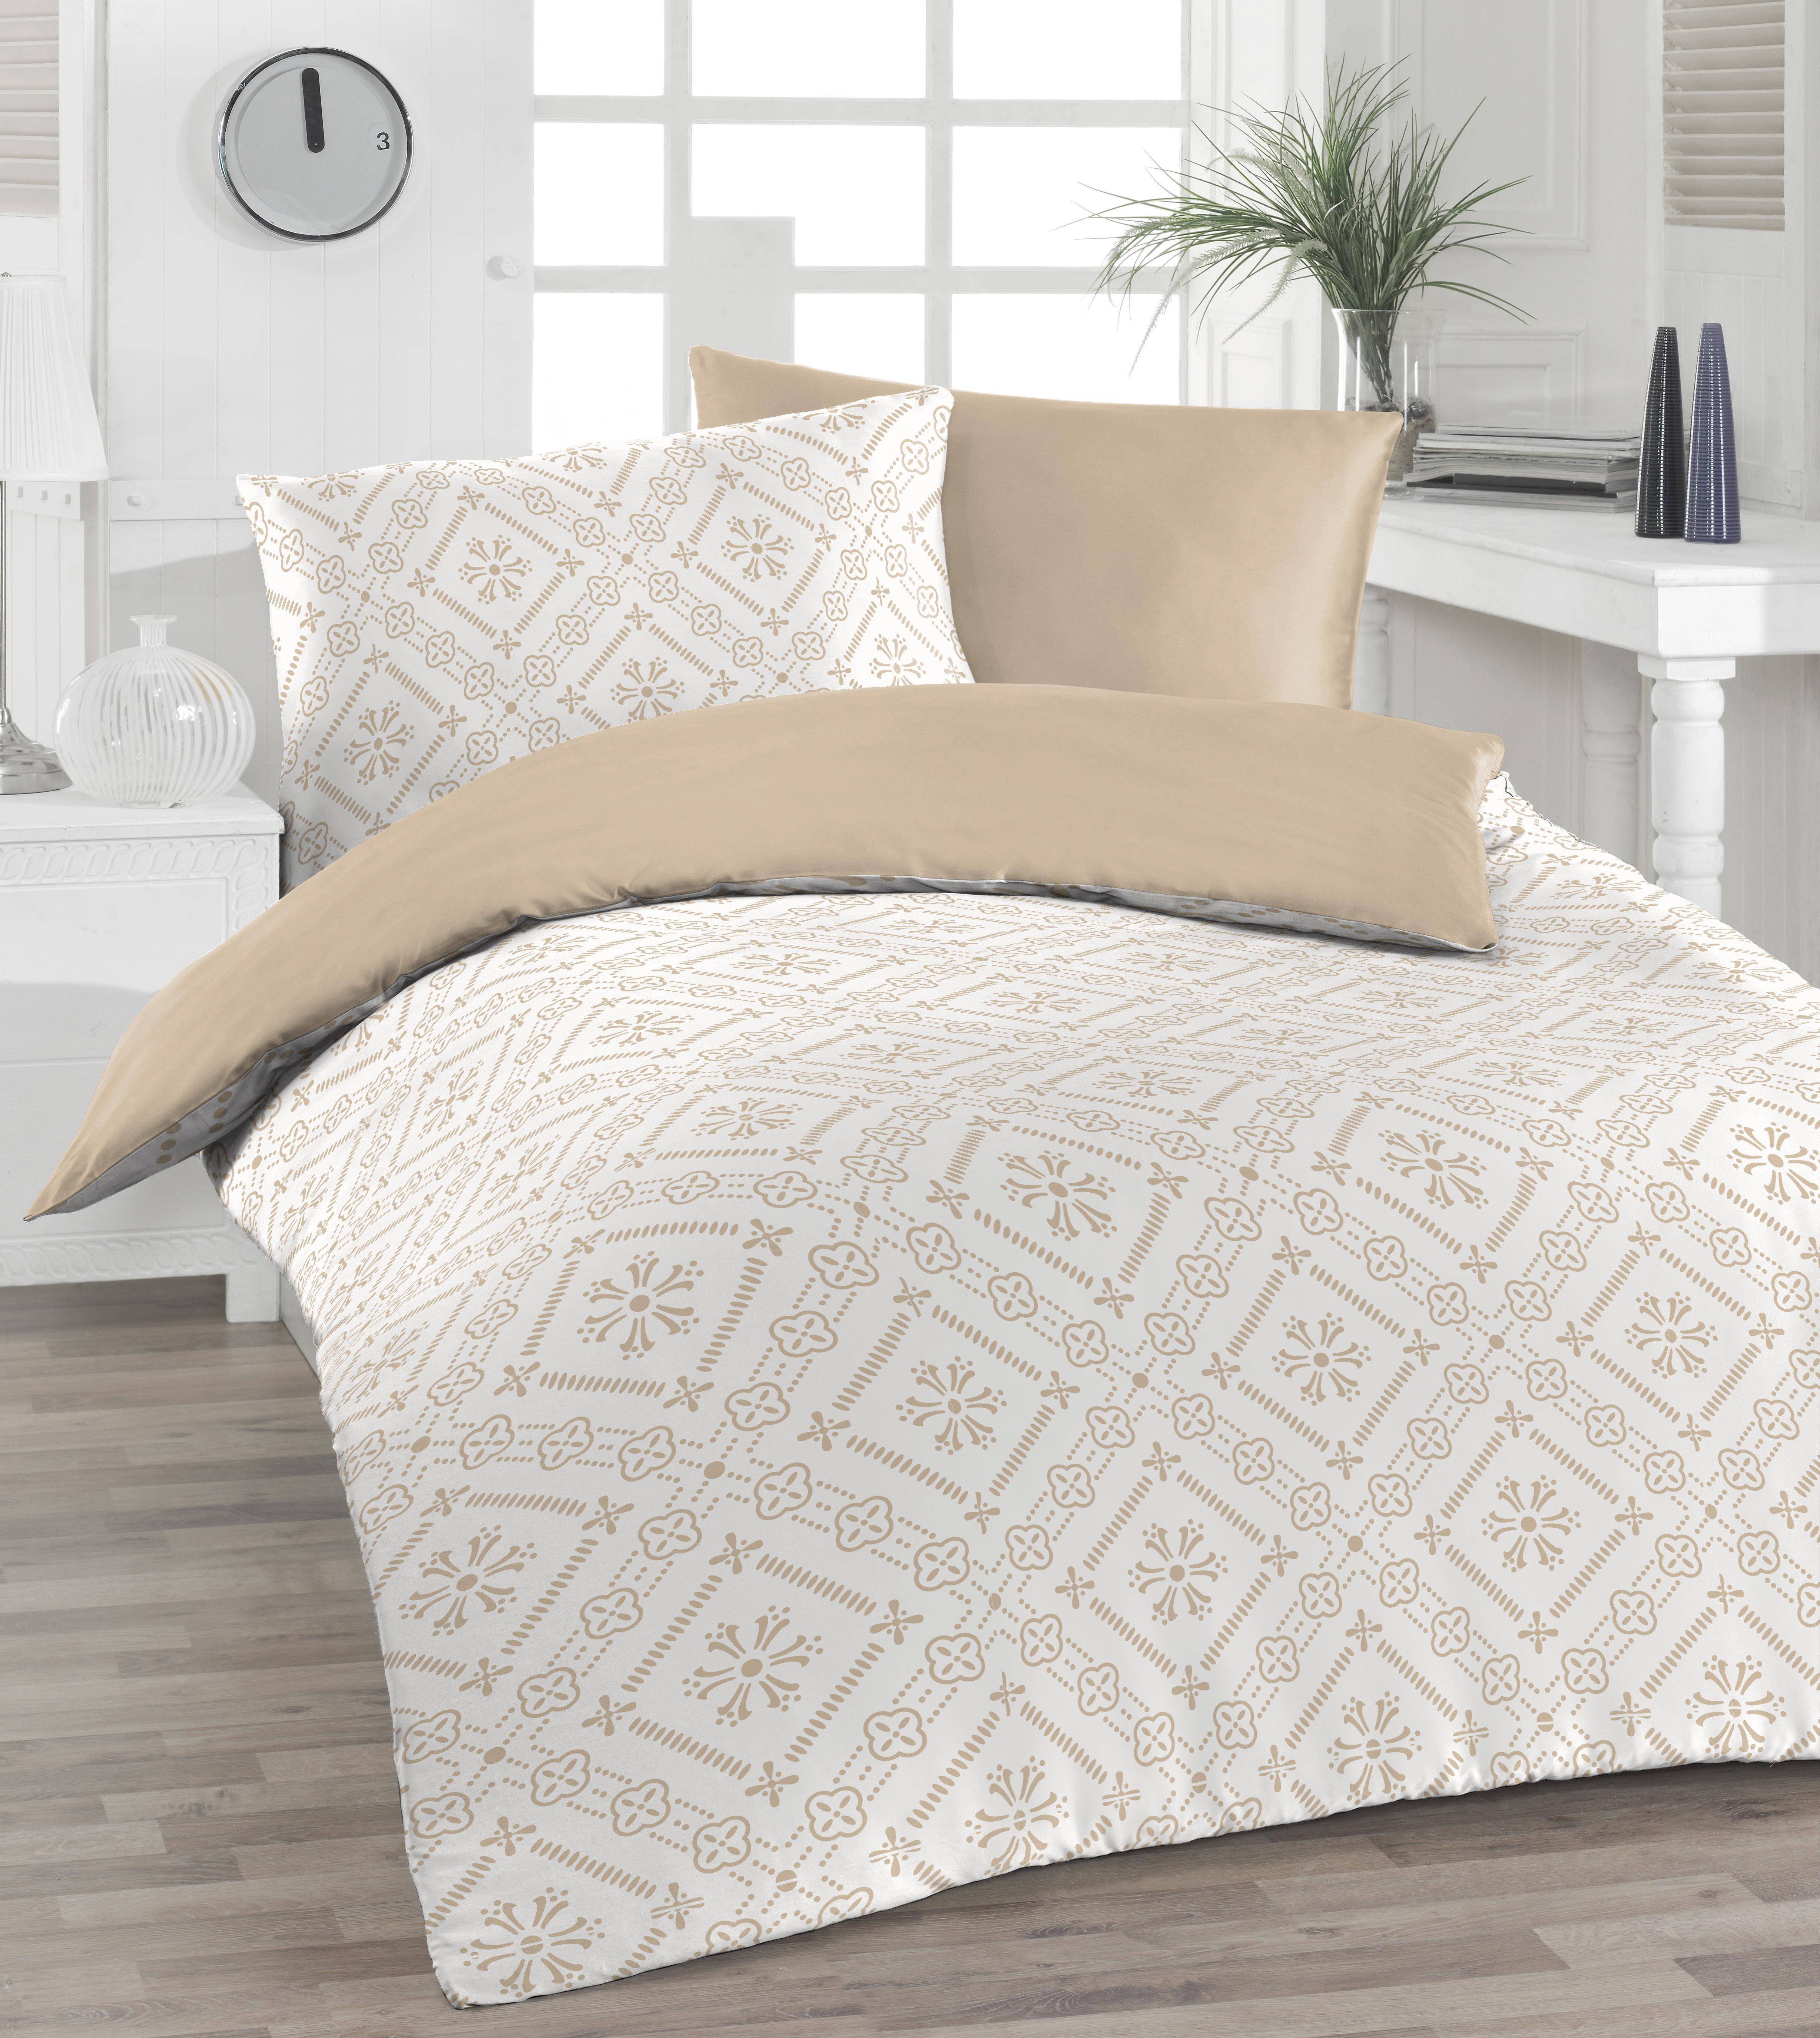 renforc wende bettw sche florella beluni online bei otto. Black Bedroom Furniture Sets. Home Design Ideas